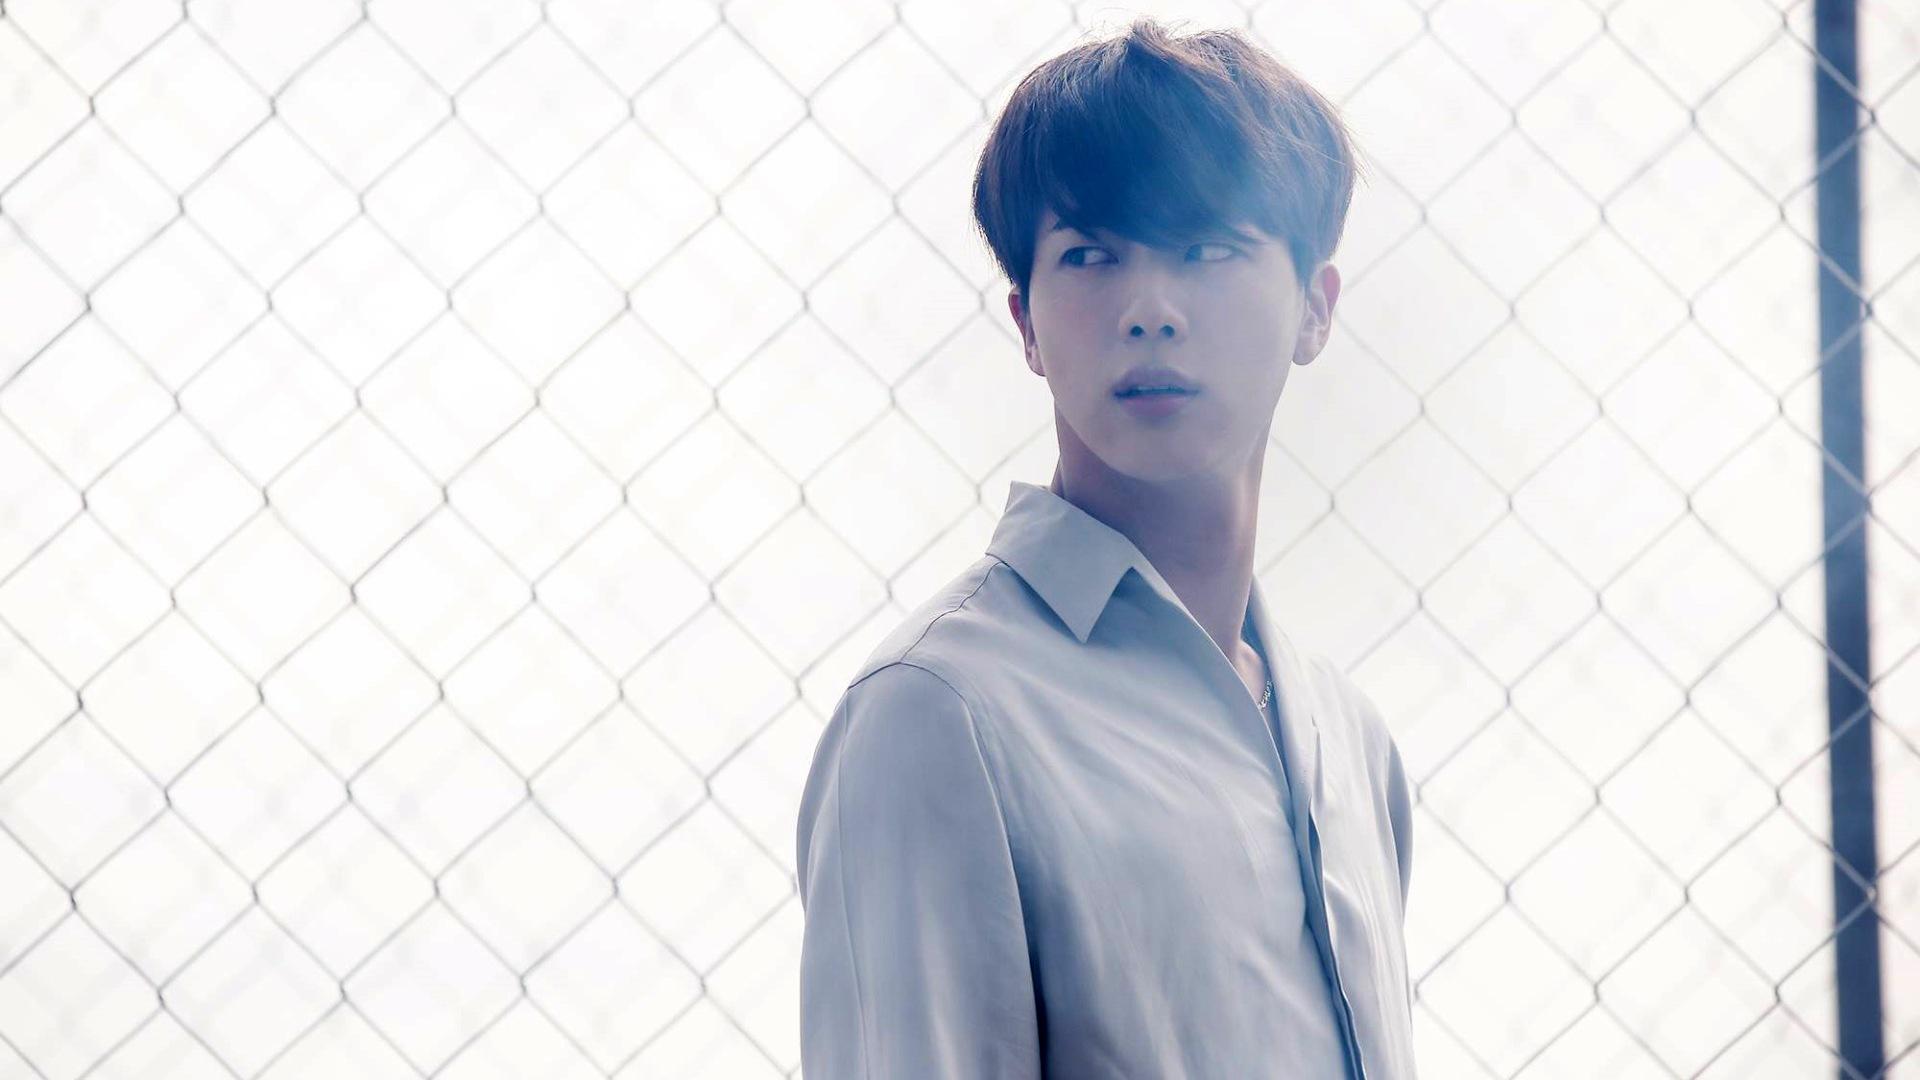 Seokjin Jin Bts Wallpaper 40936520 Fanpop Page 35